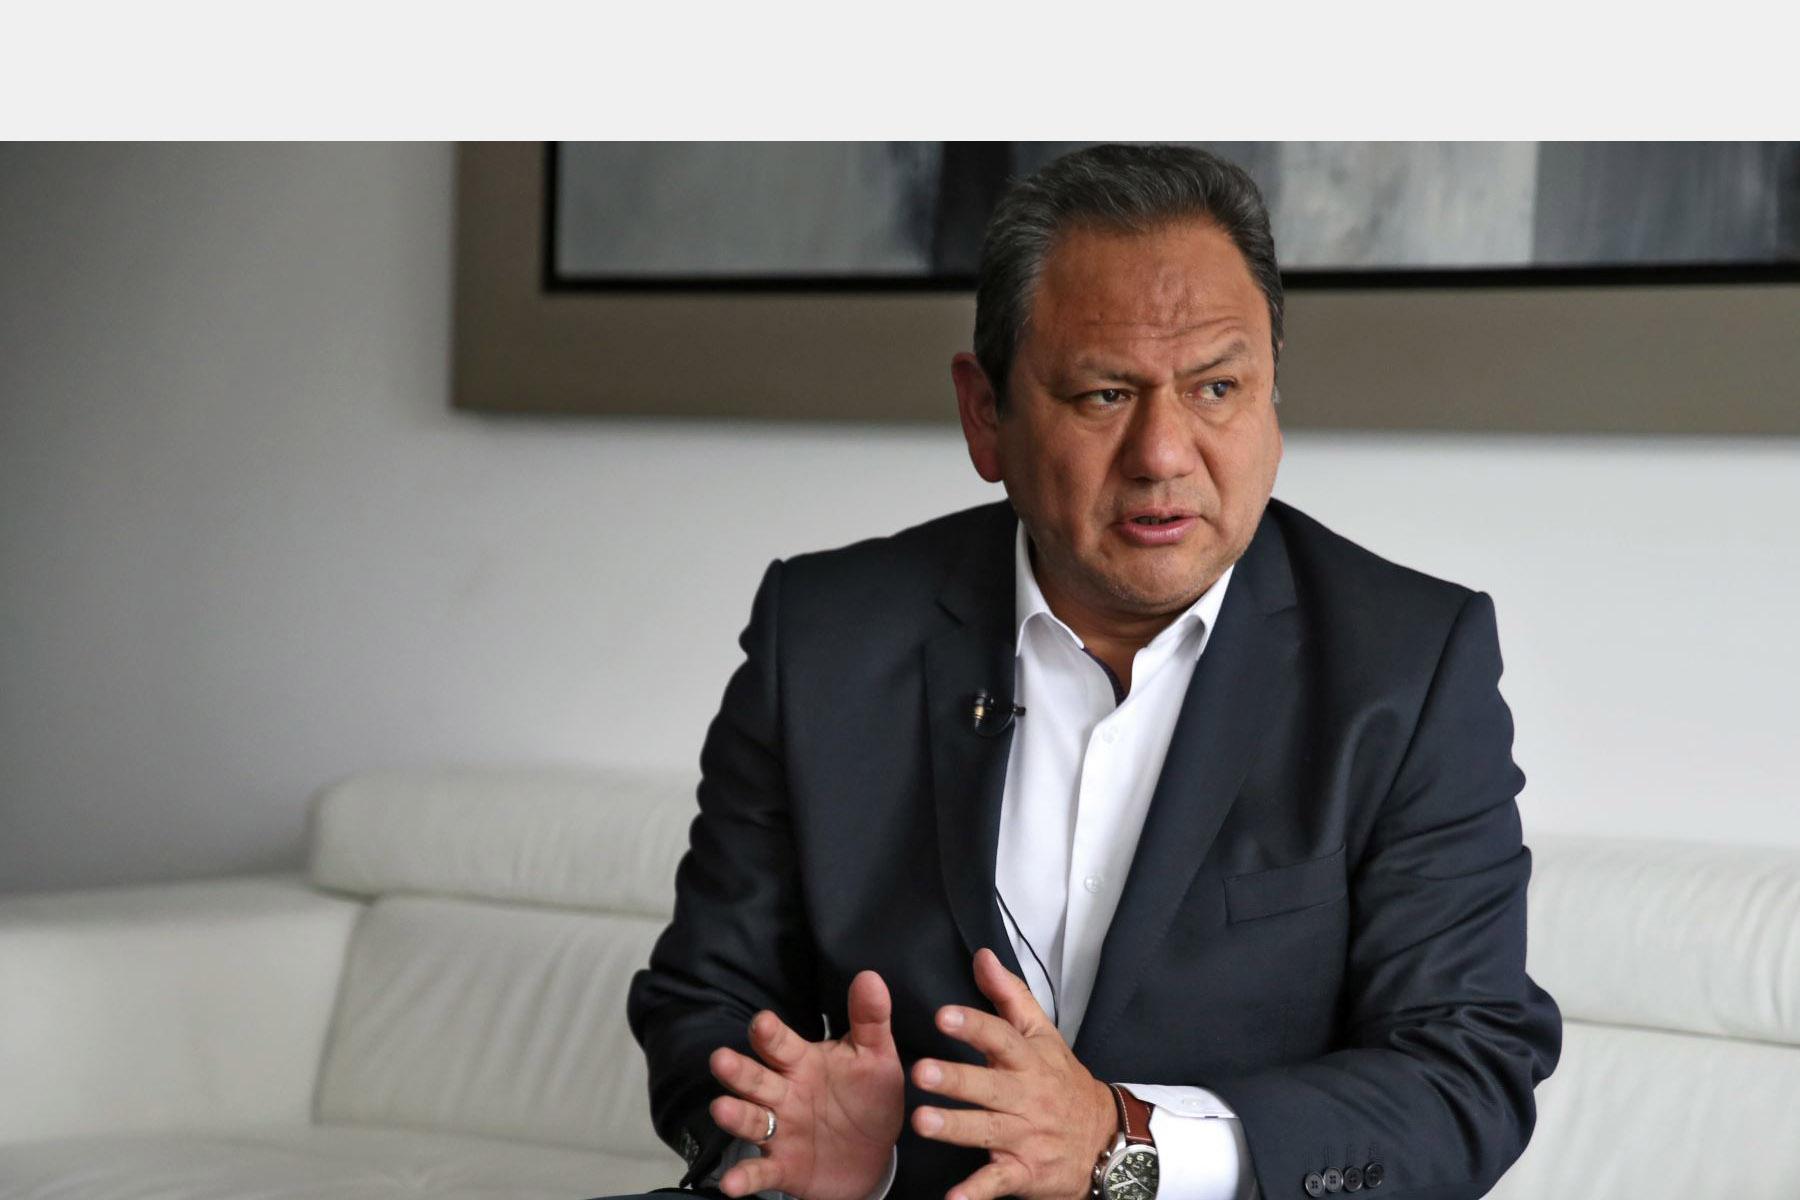 El motivo de la dimisión de Mariano González presenta como base una relación sentimental que mantiene con una de sus asesoras